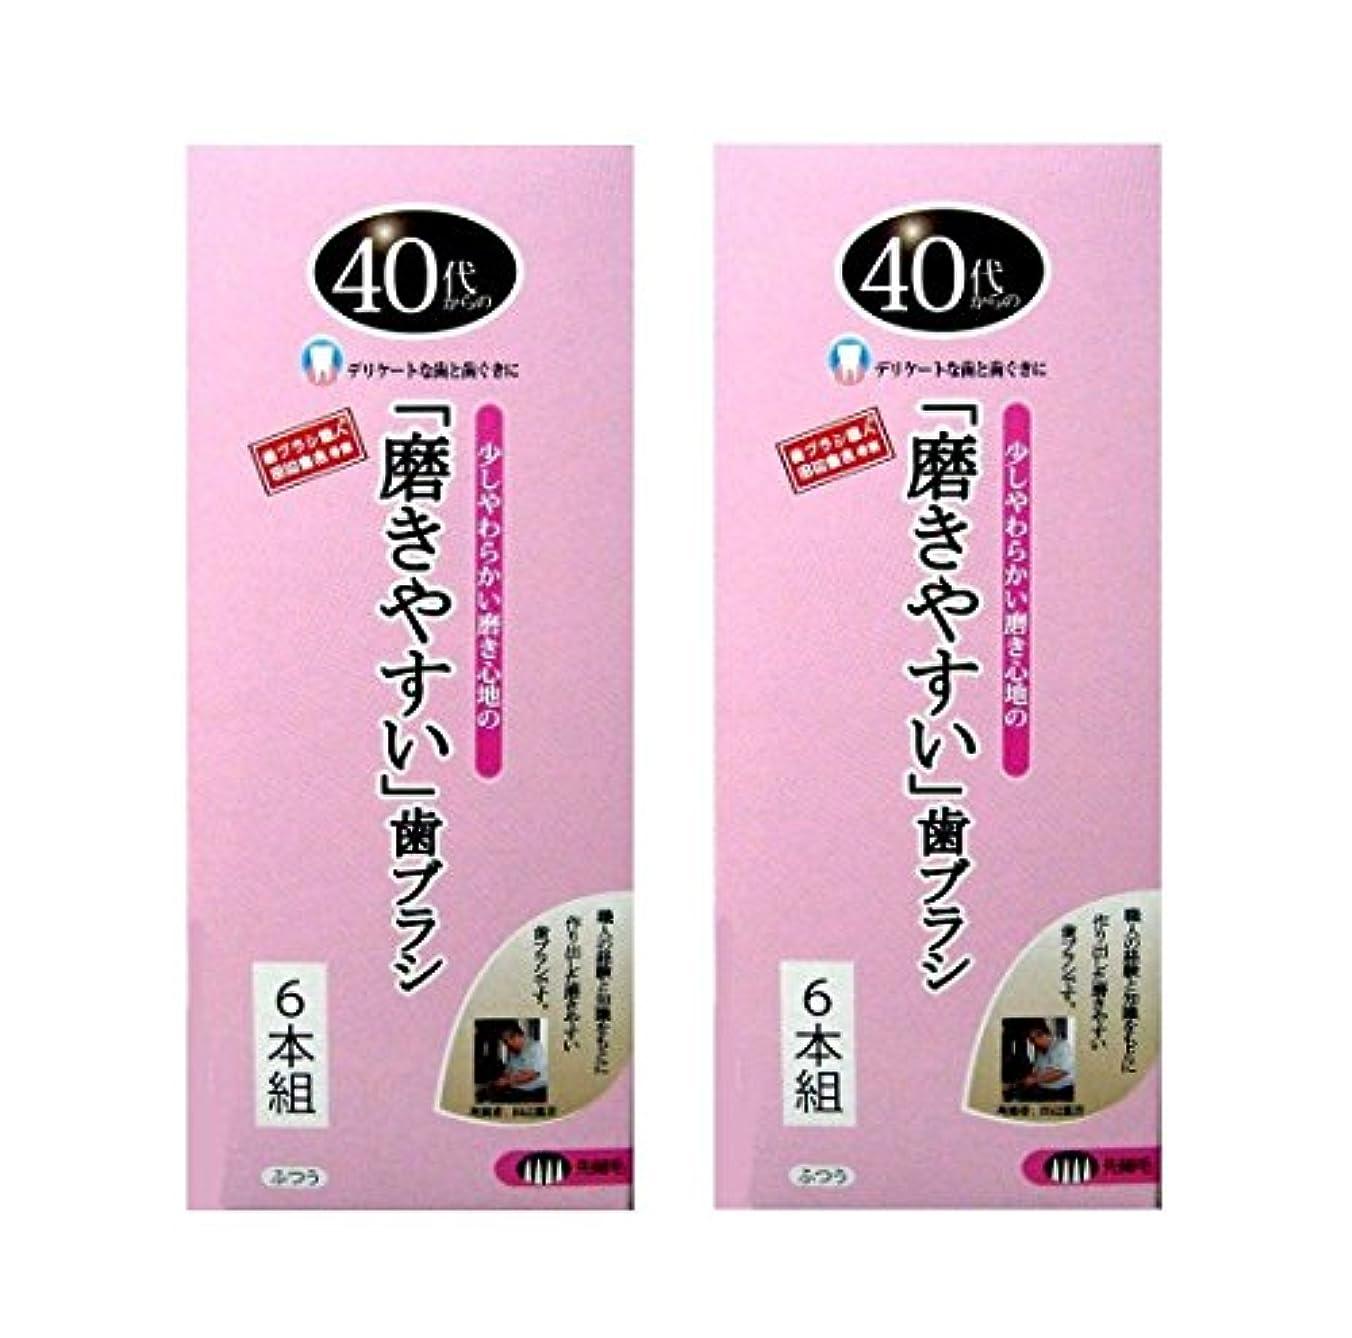 マイルドリークでる歯ブラシ職人 Artooth ® 田辺重吉の磨きやすい 40代からの歯ブラシ 歯ぐきにやさしい 細めの毛 先細毛 日本製 12本セットLT-15-12